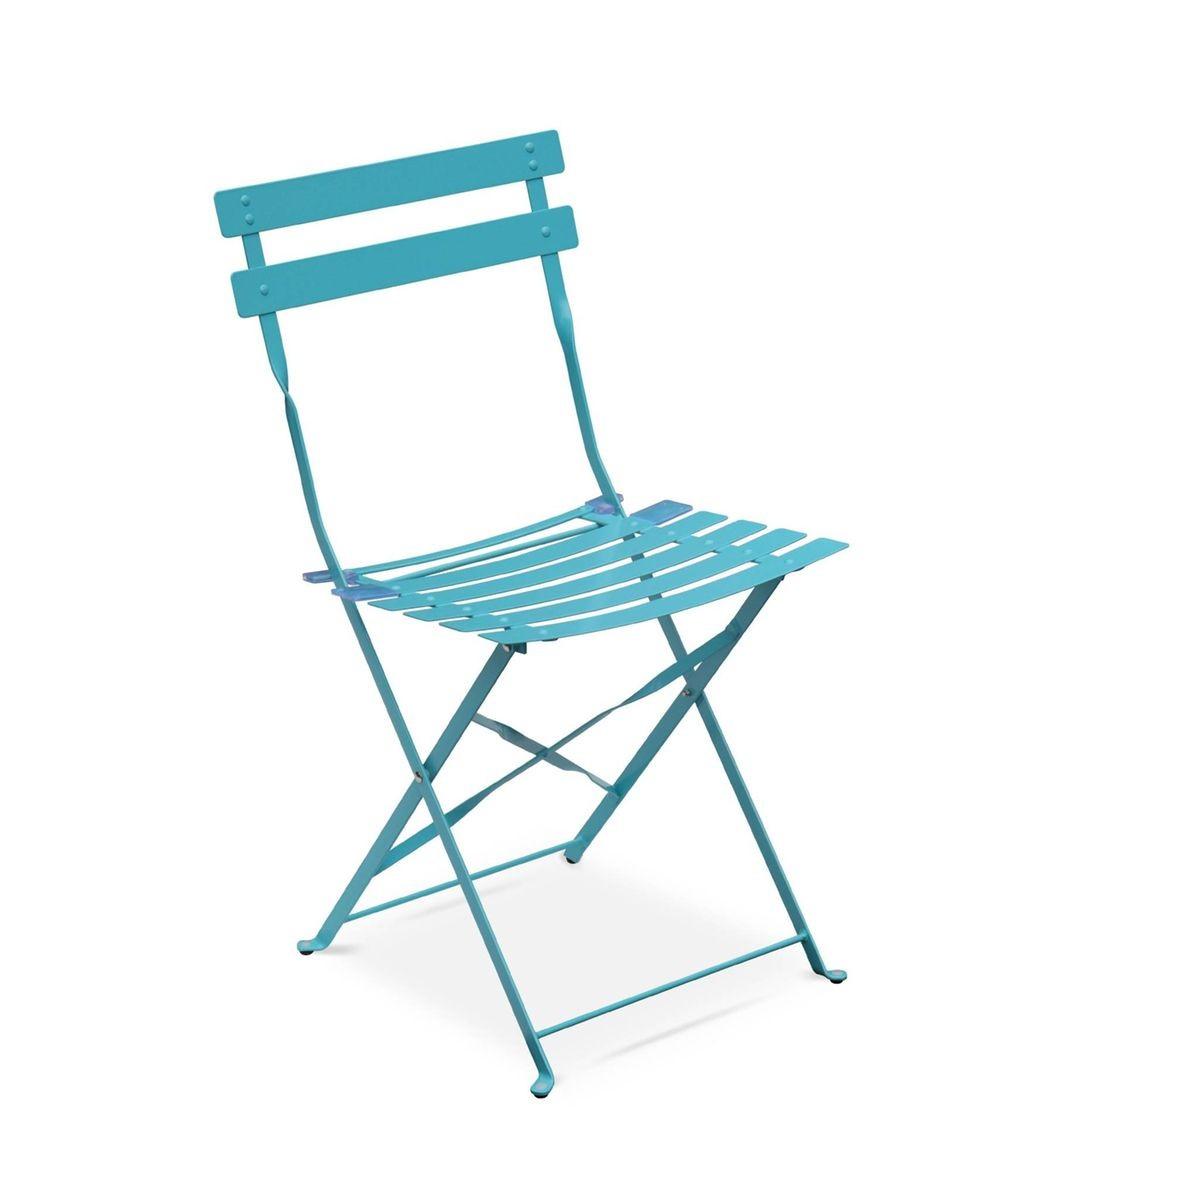 Salon De Jardin Bistrot Pliable Emilia Rectangulaire , Avec ... encequiconcerne Chaise Bistrot Aluminium Jardin